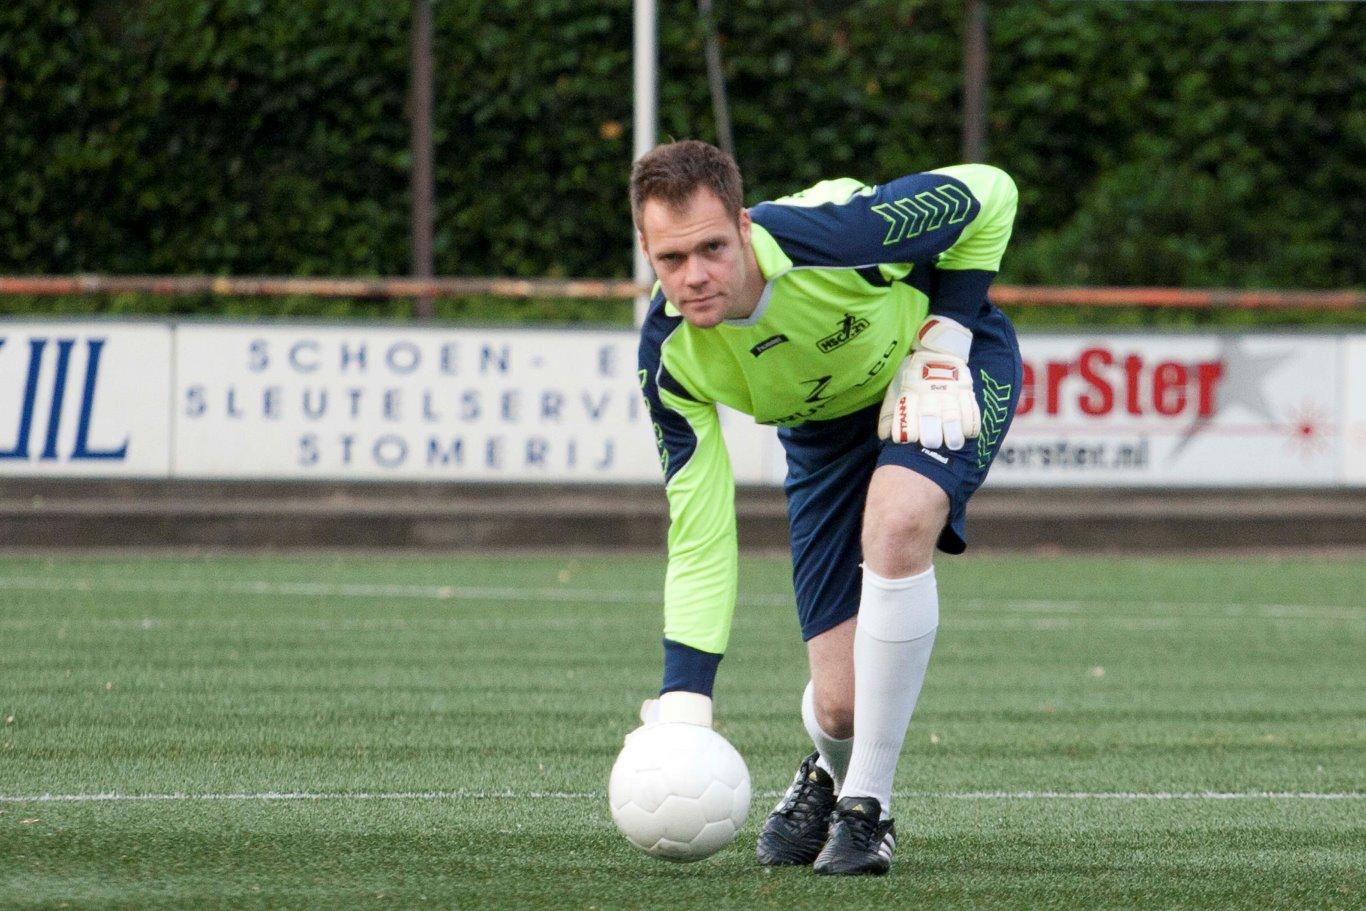 Melvin Koetsier HHC Excelsior'31